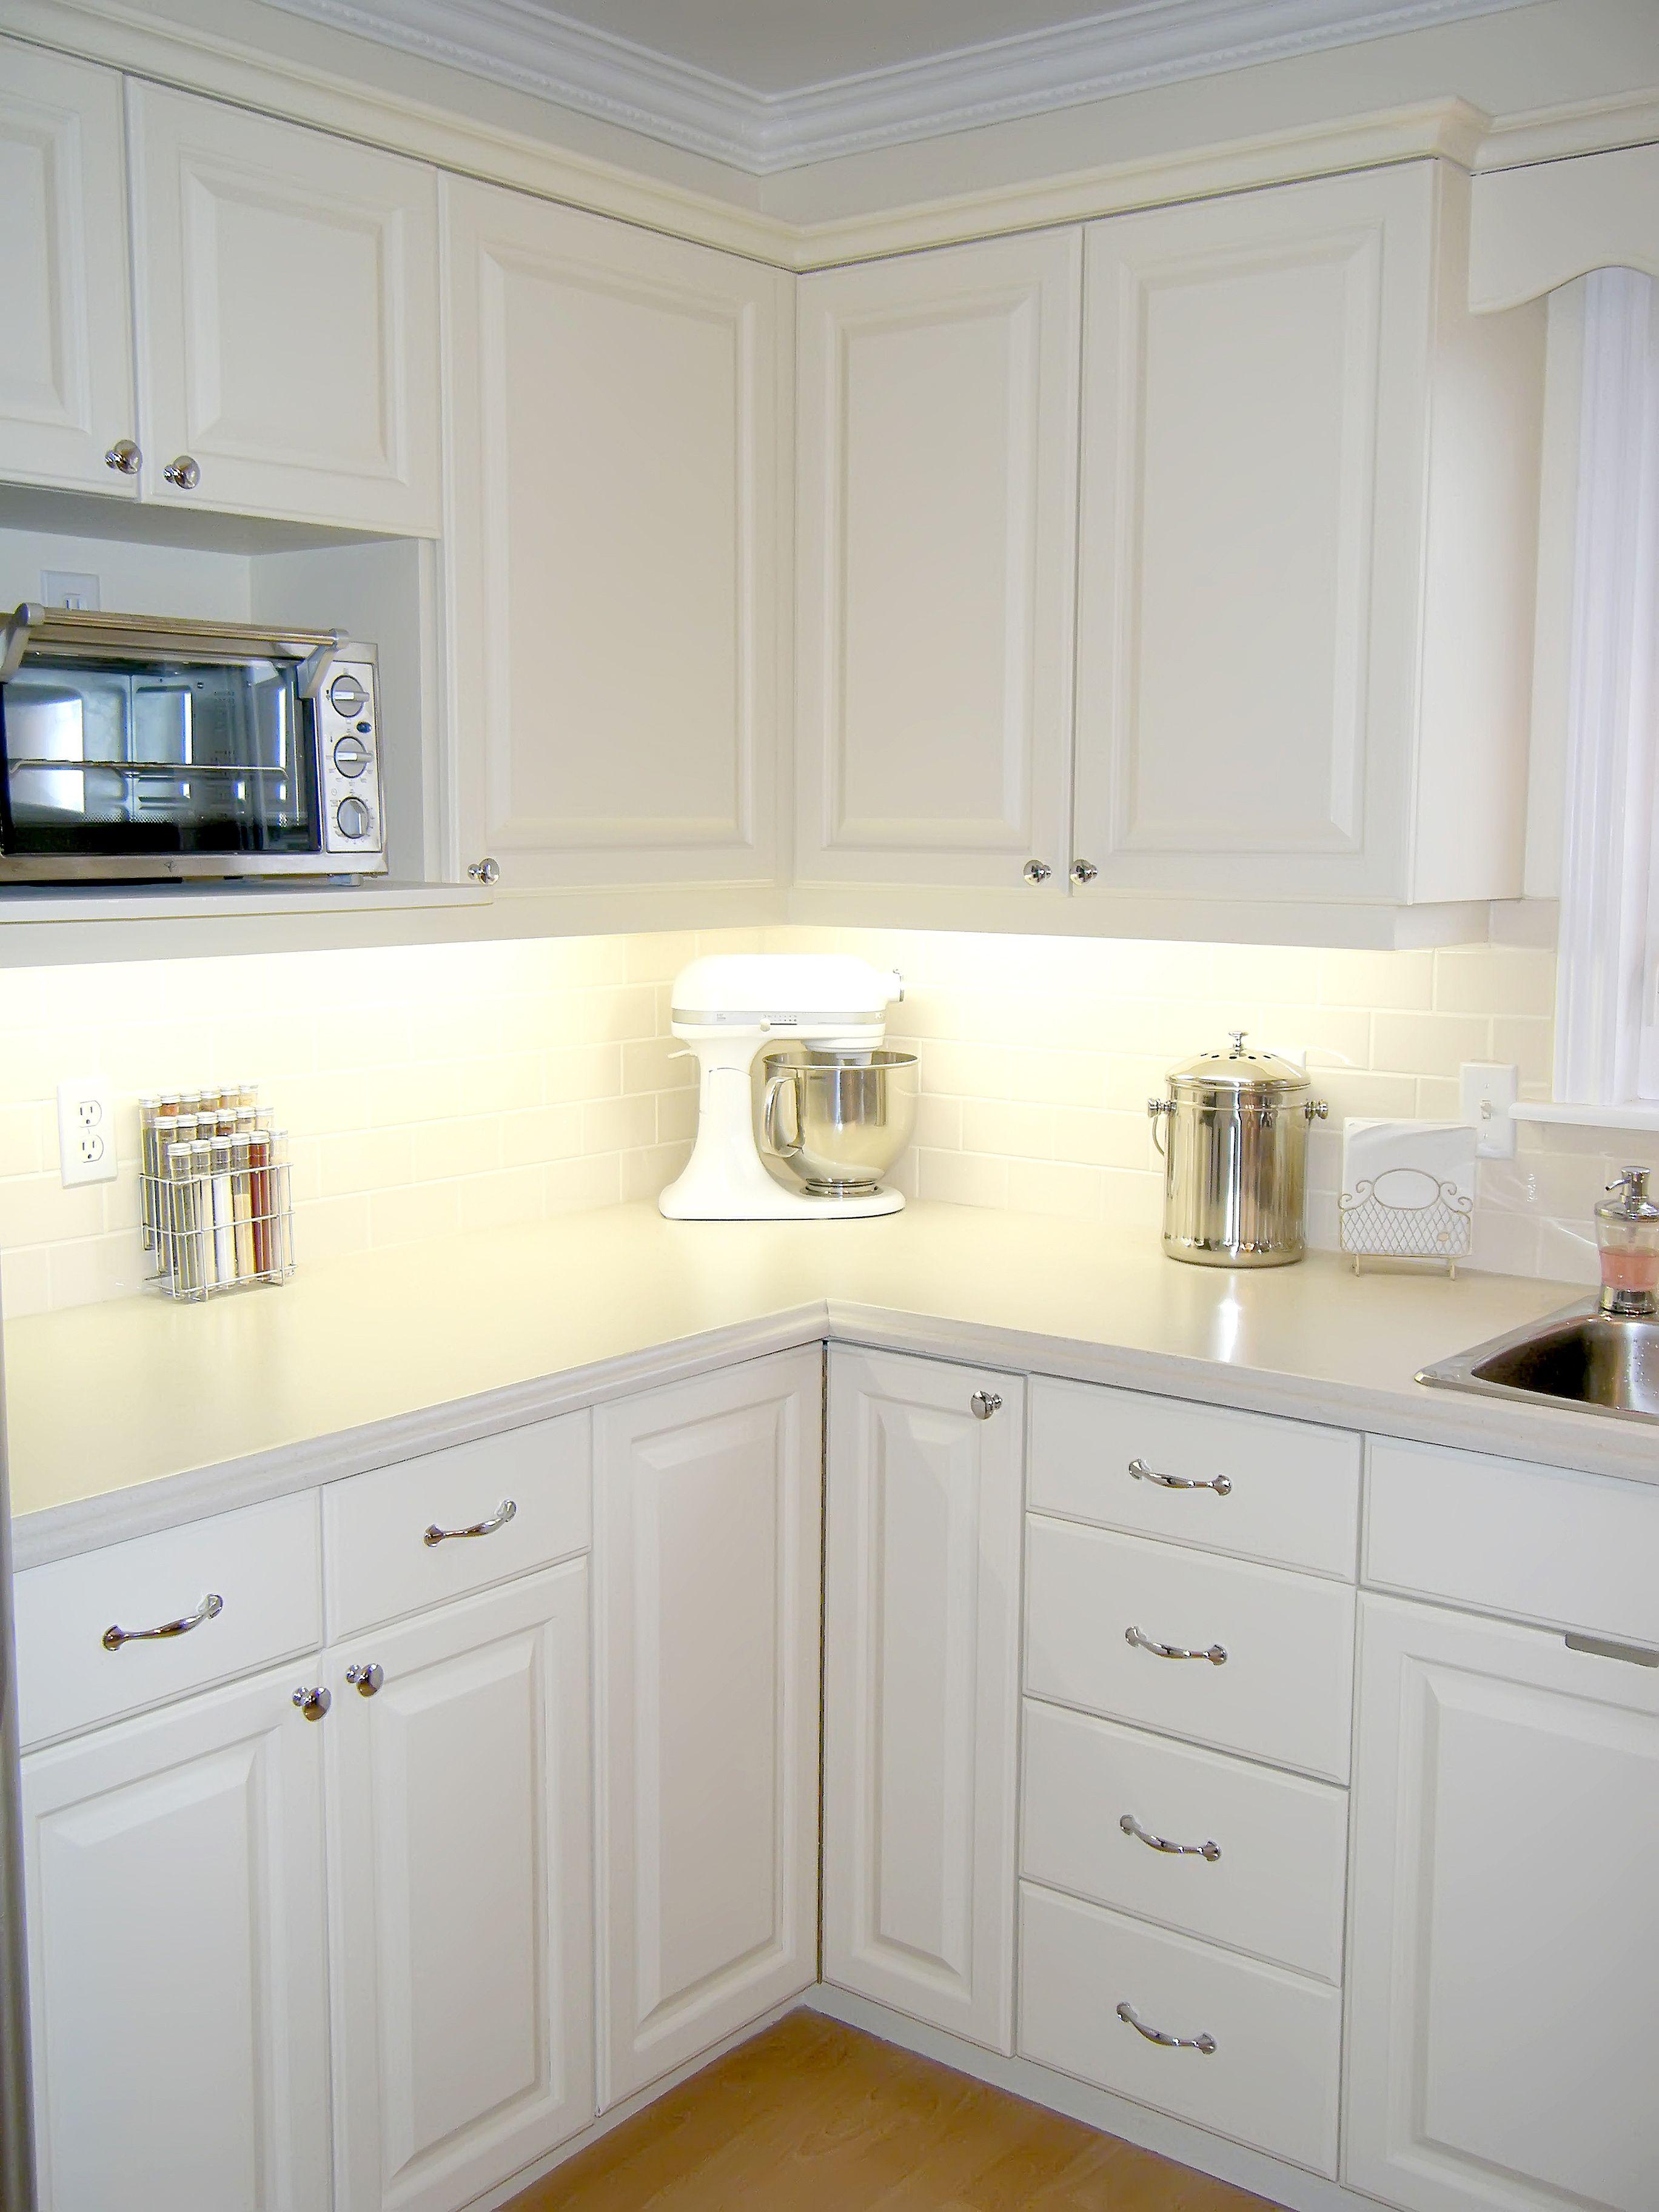 Best Painting Kitchen Cabinets Kitchen Renovation Kitchen 400 x 300